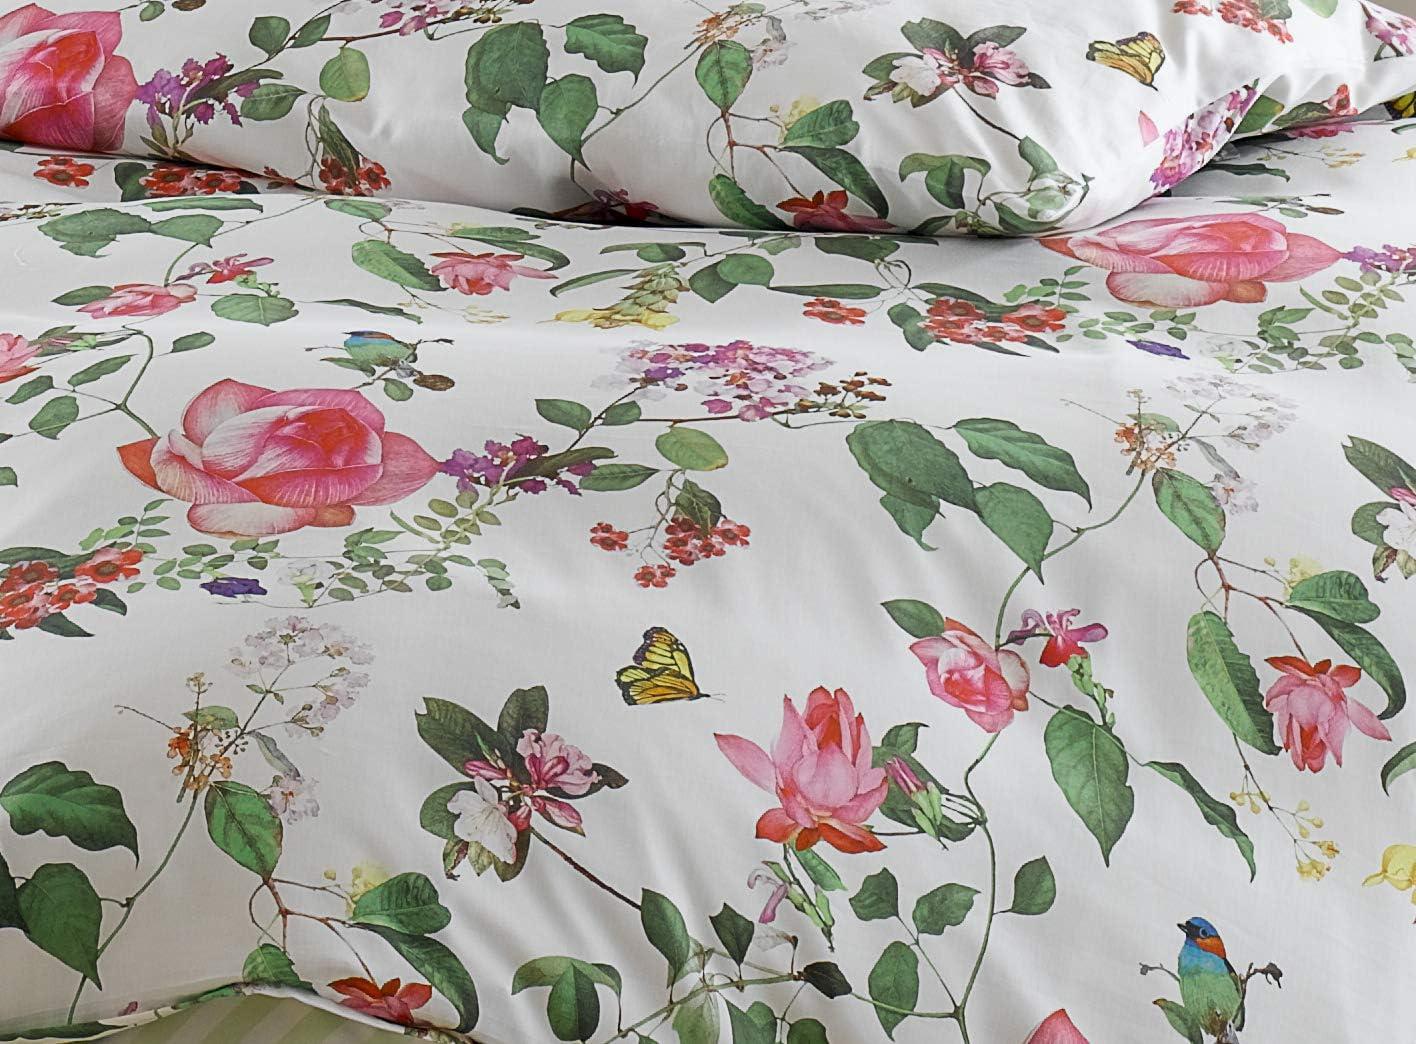 Janine Mako Satin Bettwäsche Milano 45000-06 oase grün Schmetterling Vogel Baum